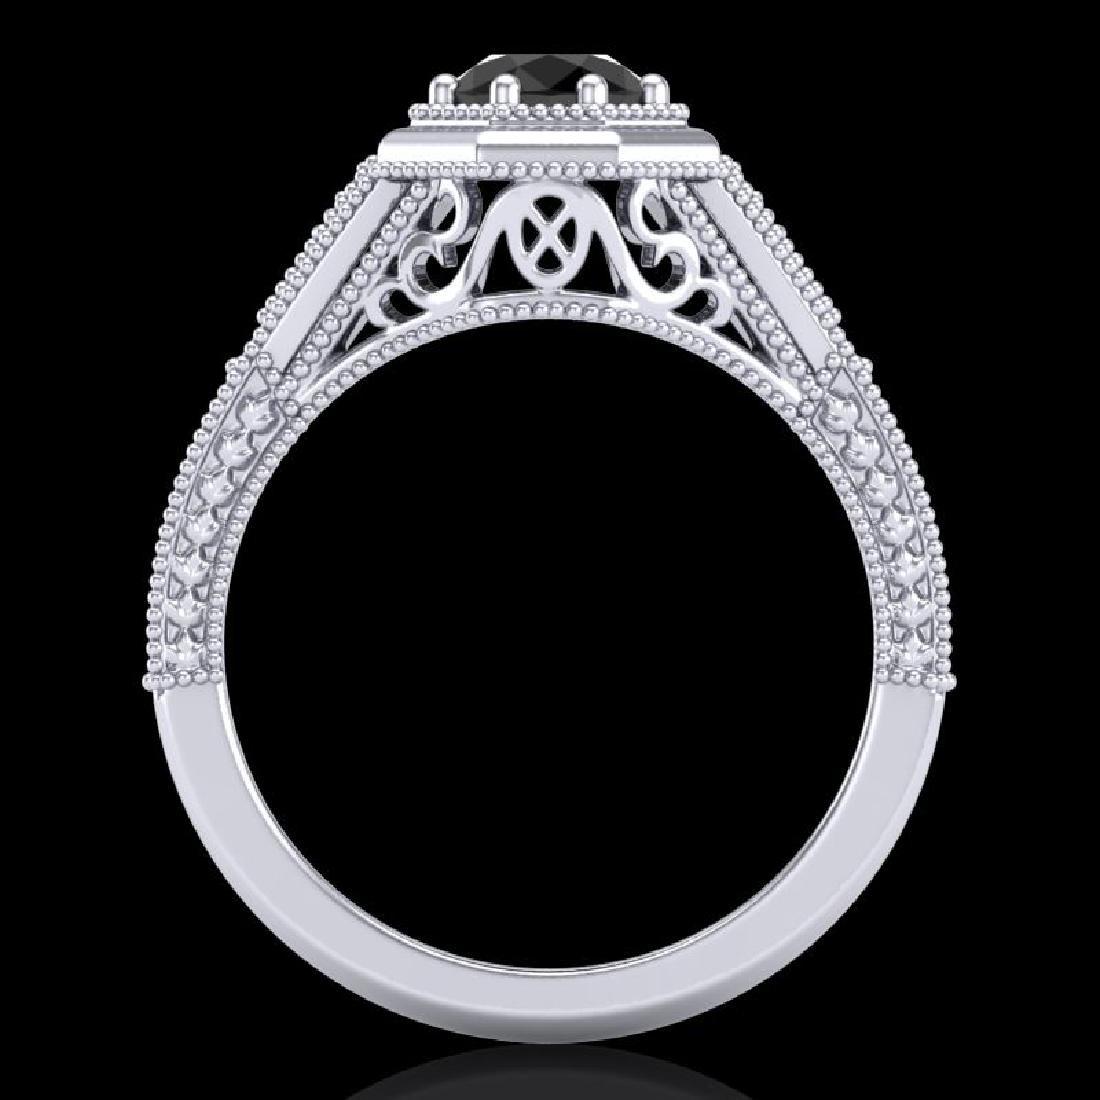 0.84 CTW Fancy Black Diamond Solitaire Engagement Art - 3